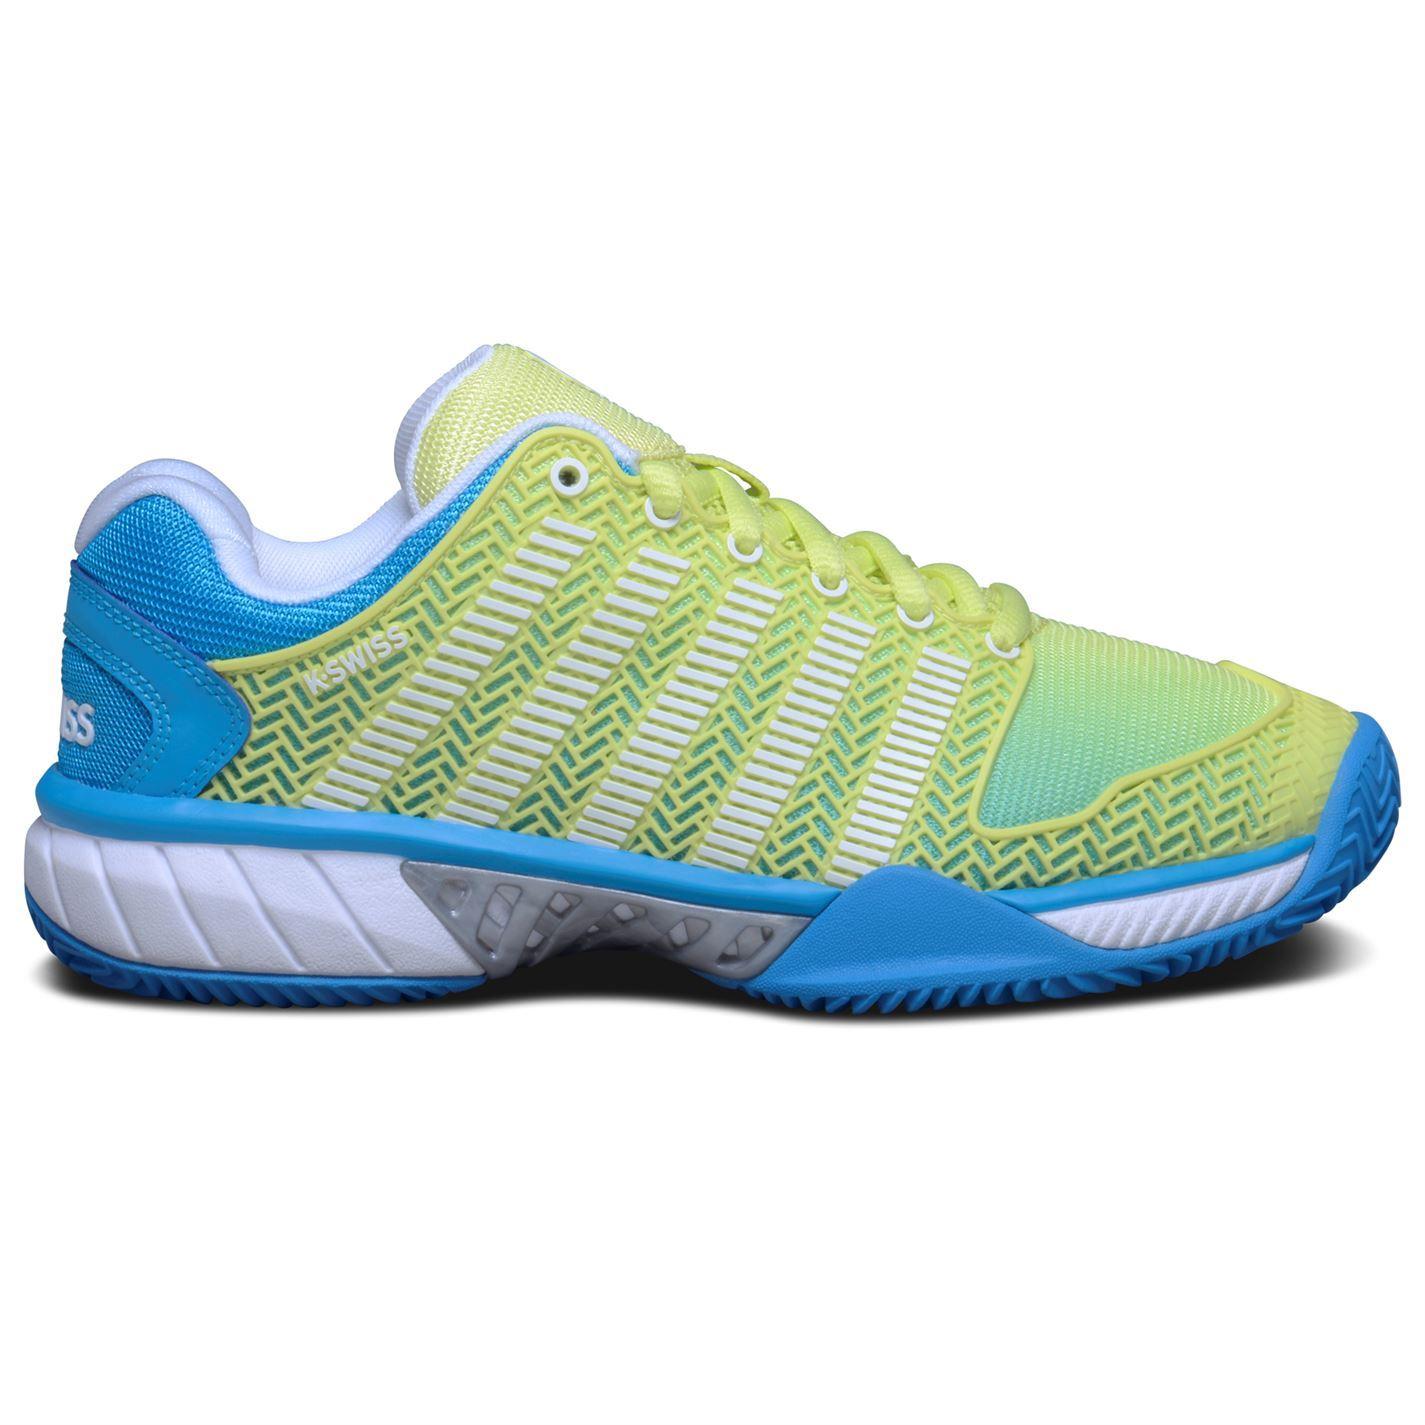 K Swiss Damenschuhe Lace Hypercourt Express Tennis Schuhes Lace Damenschuhe Up Breathable Lightweight 56b99b